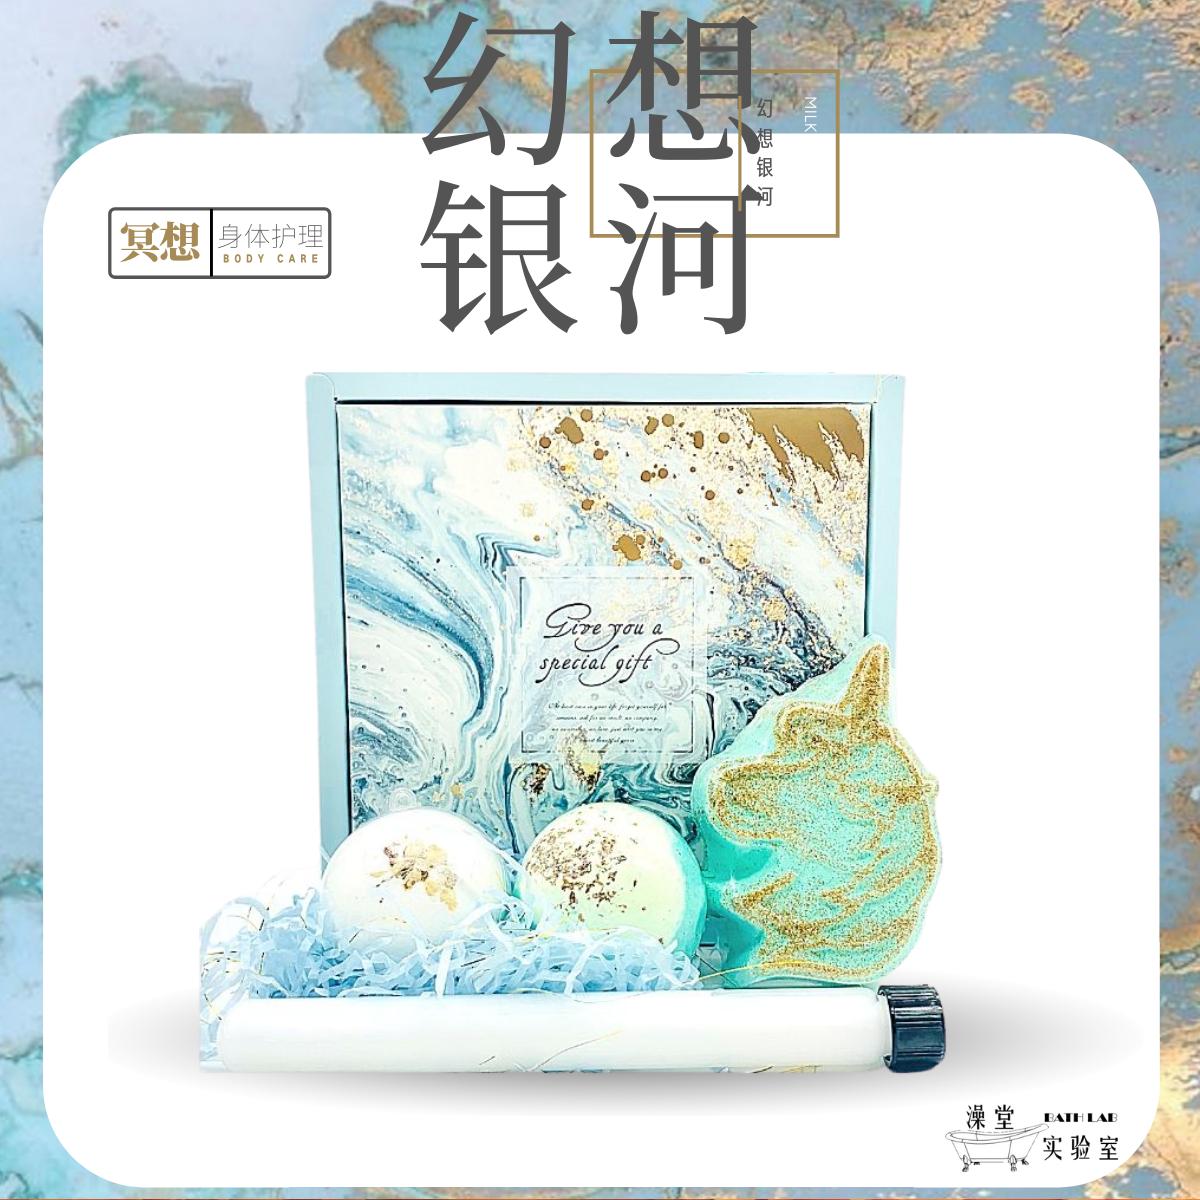 BathLab 泡澡球沐浴球浴盐入浴剂日本进口SPA水疗儿童精油泡泡浴